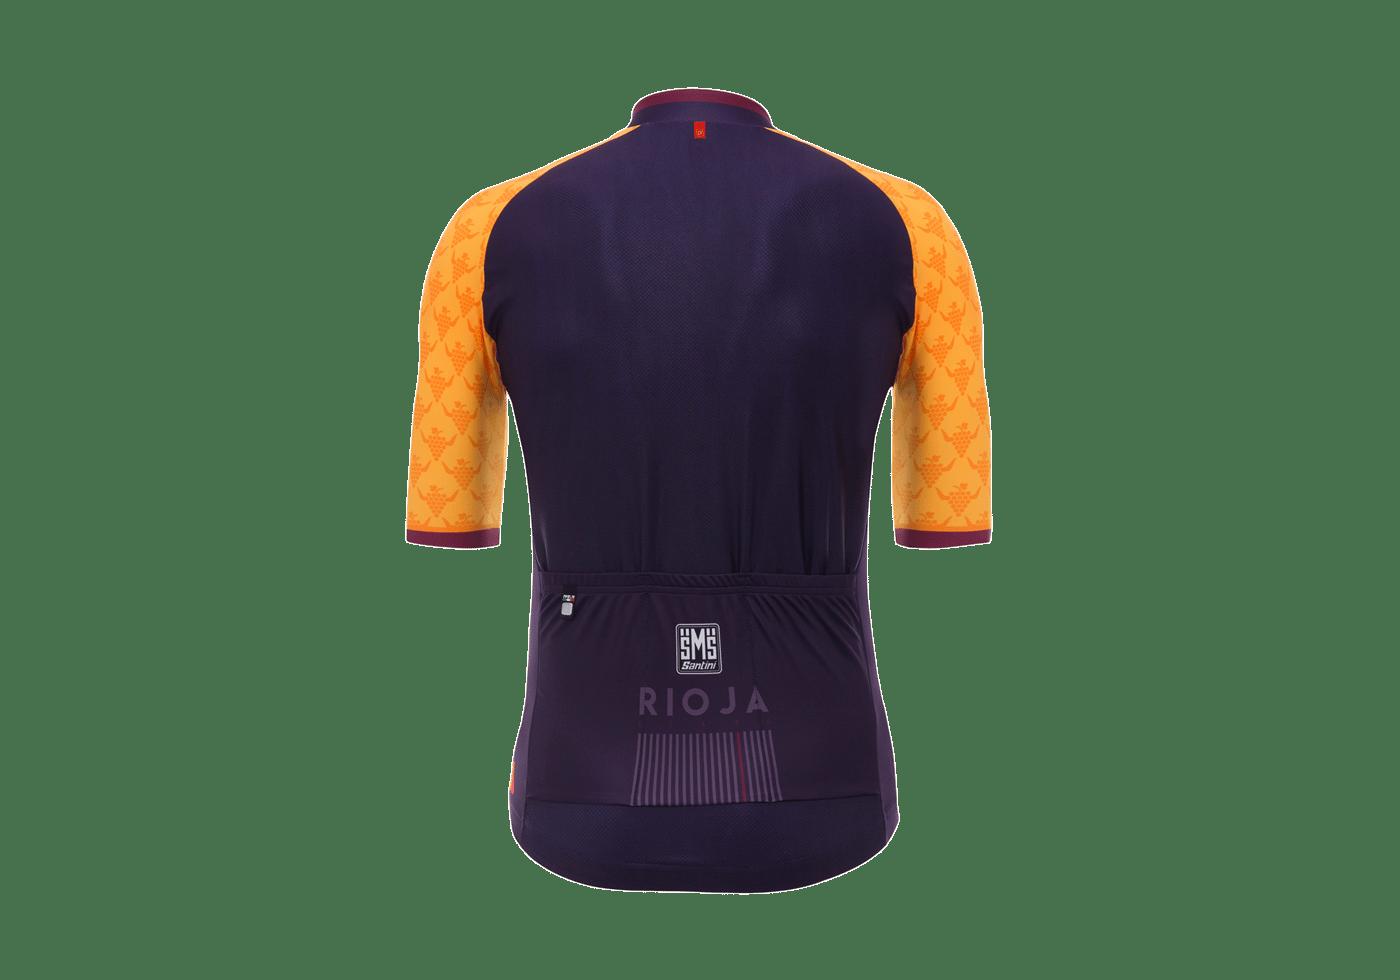 Maillot La Vuelta - Etapa La Rioja 2017 II